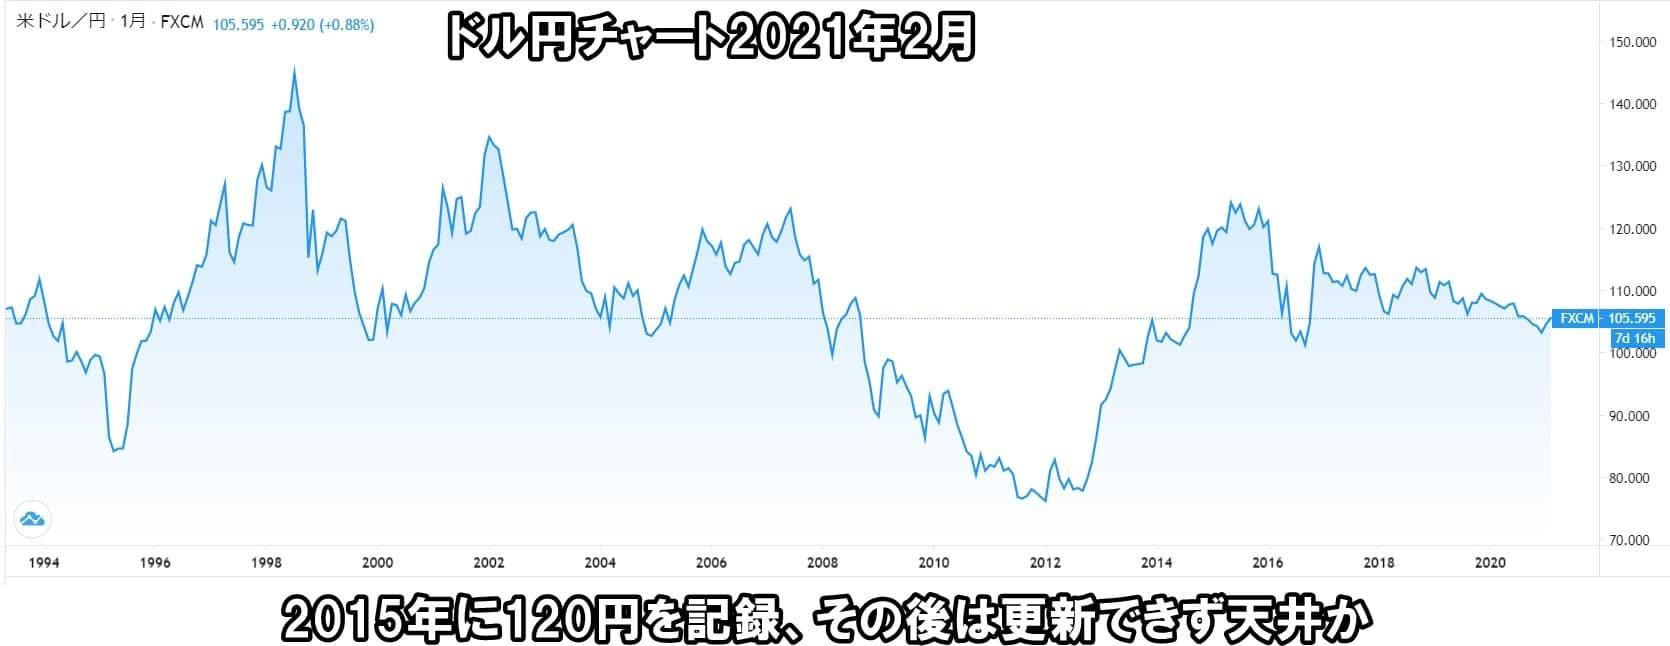 ドル円長期チャート2020年2月時点